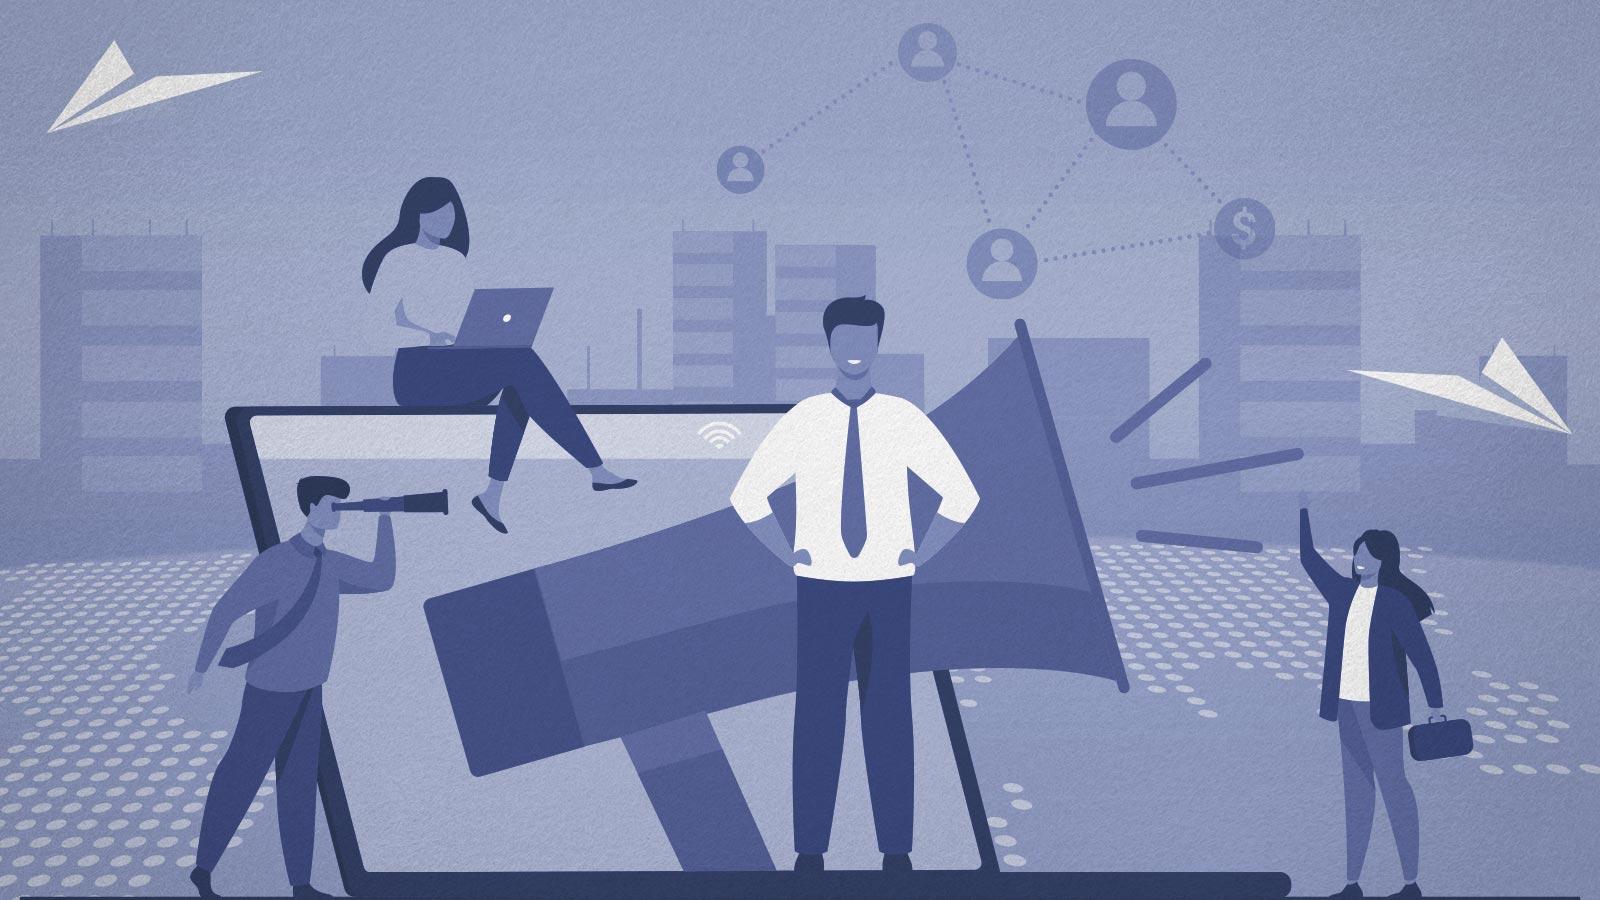 blog ieu maestría en relaciones públicas y procesos directivos el posgrado de ieu para liderar el mercado